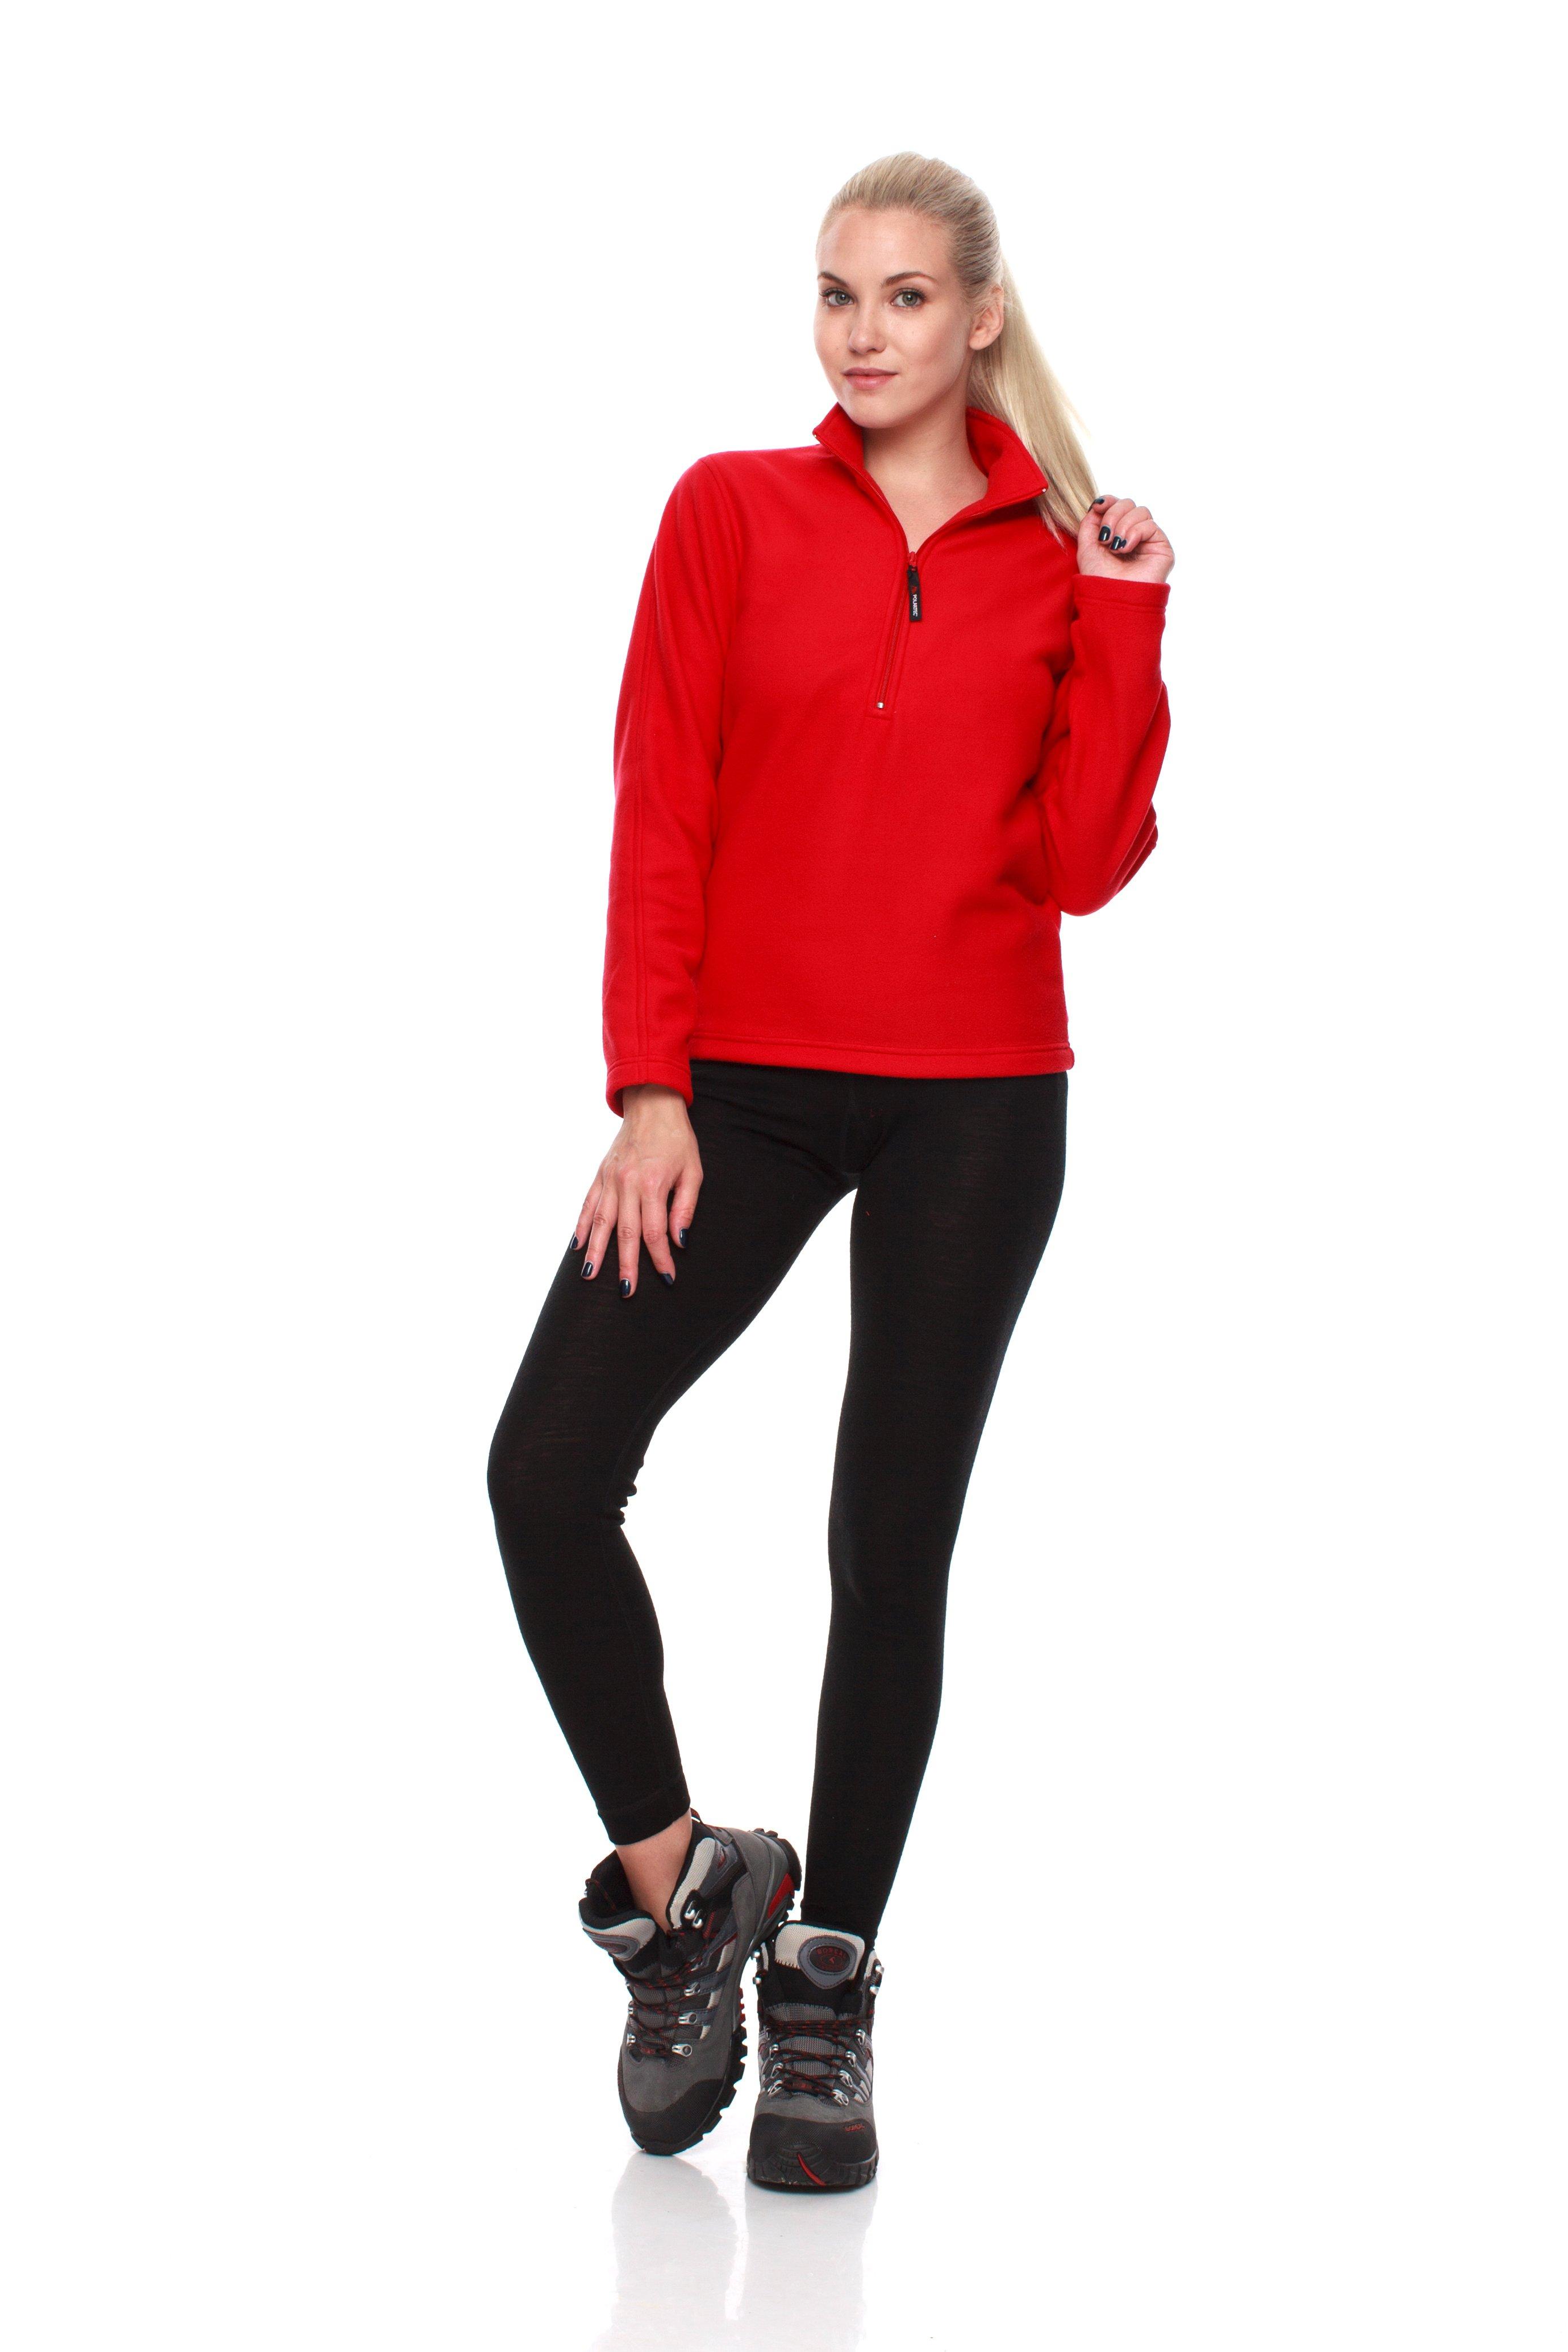 Куртка BASK SCORPIO LJ V2 1217BФлисовые куртки<br><br><br>Боковые карманы: Нет<br>Вес граммы: 225<br>Ветрозащитная планка: Нет<br>Внутренние карманы: Нет<br>Материал: Polartec® Classic 100<br>Материал усиления: Нет<br>Нагрудные карманы: Нет<br>Пол: Женский<br>Регулировка вентиляции: Нет<br>Регулировка низа: Да<br>Регулируемые вентиляционные отверстия: Нет<br>Тип молнии: Однозамковая<br>Усиление контактных зон: Нет<br>Размер INT: S<br>Цвет: ЧЕРНЫЙ